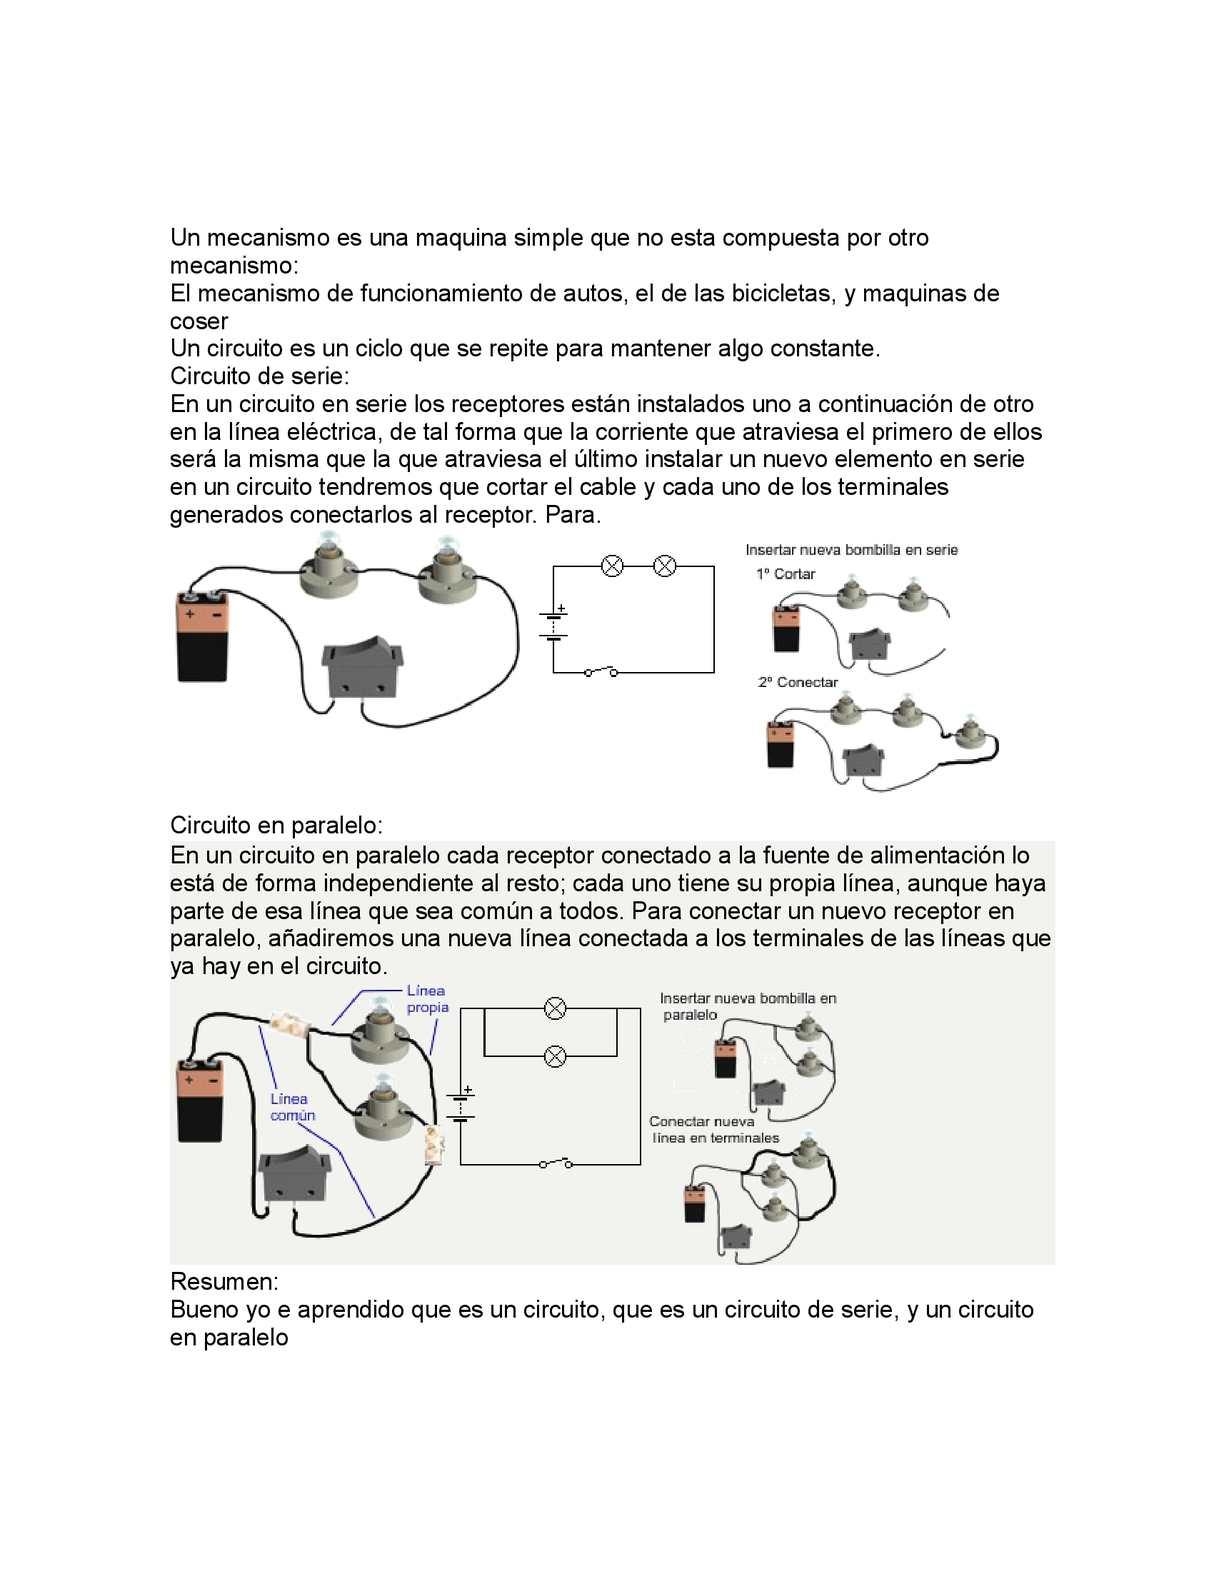 Circuito Que Es : Calaméo mecanismos y circuitos